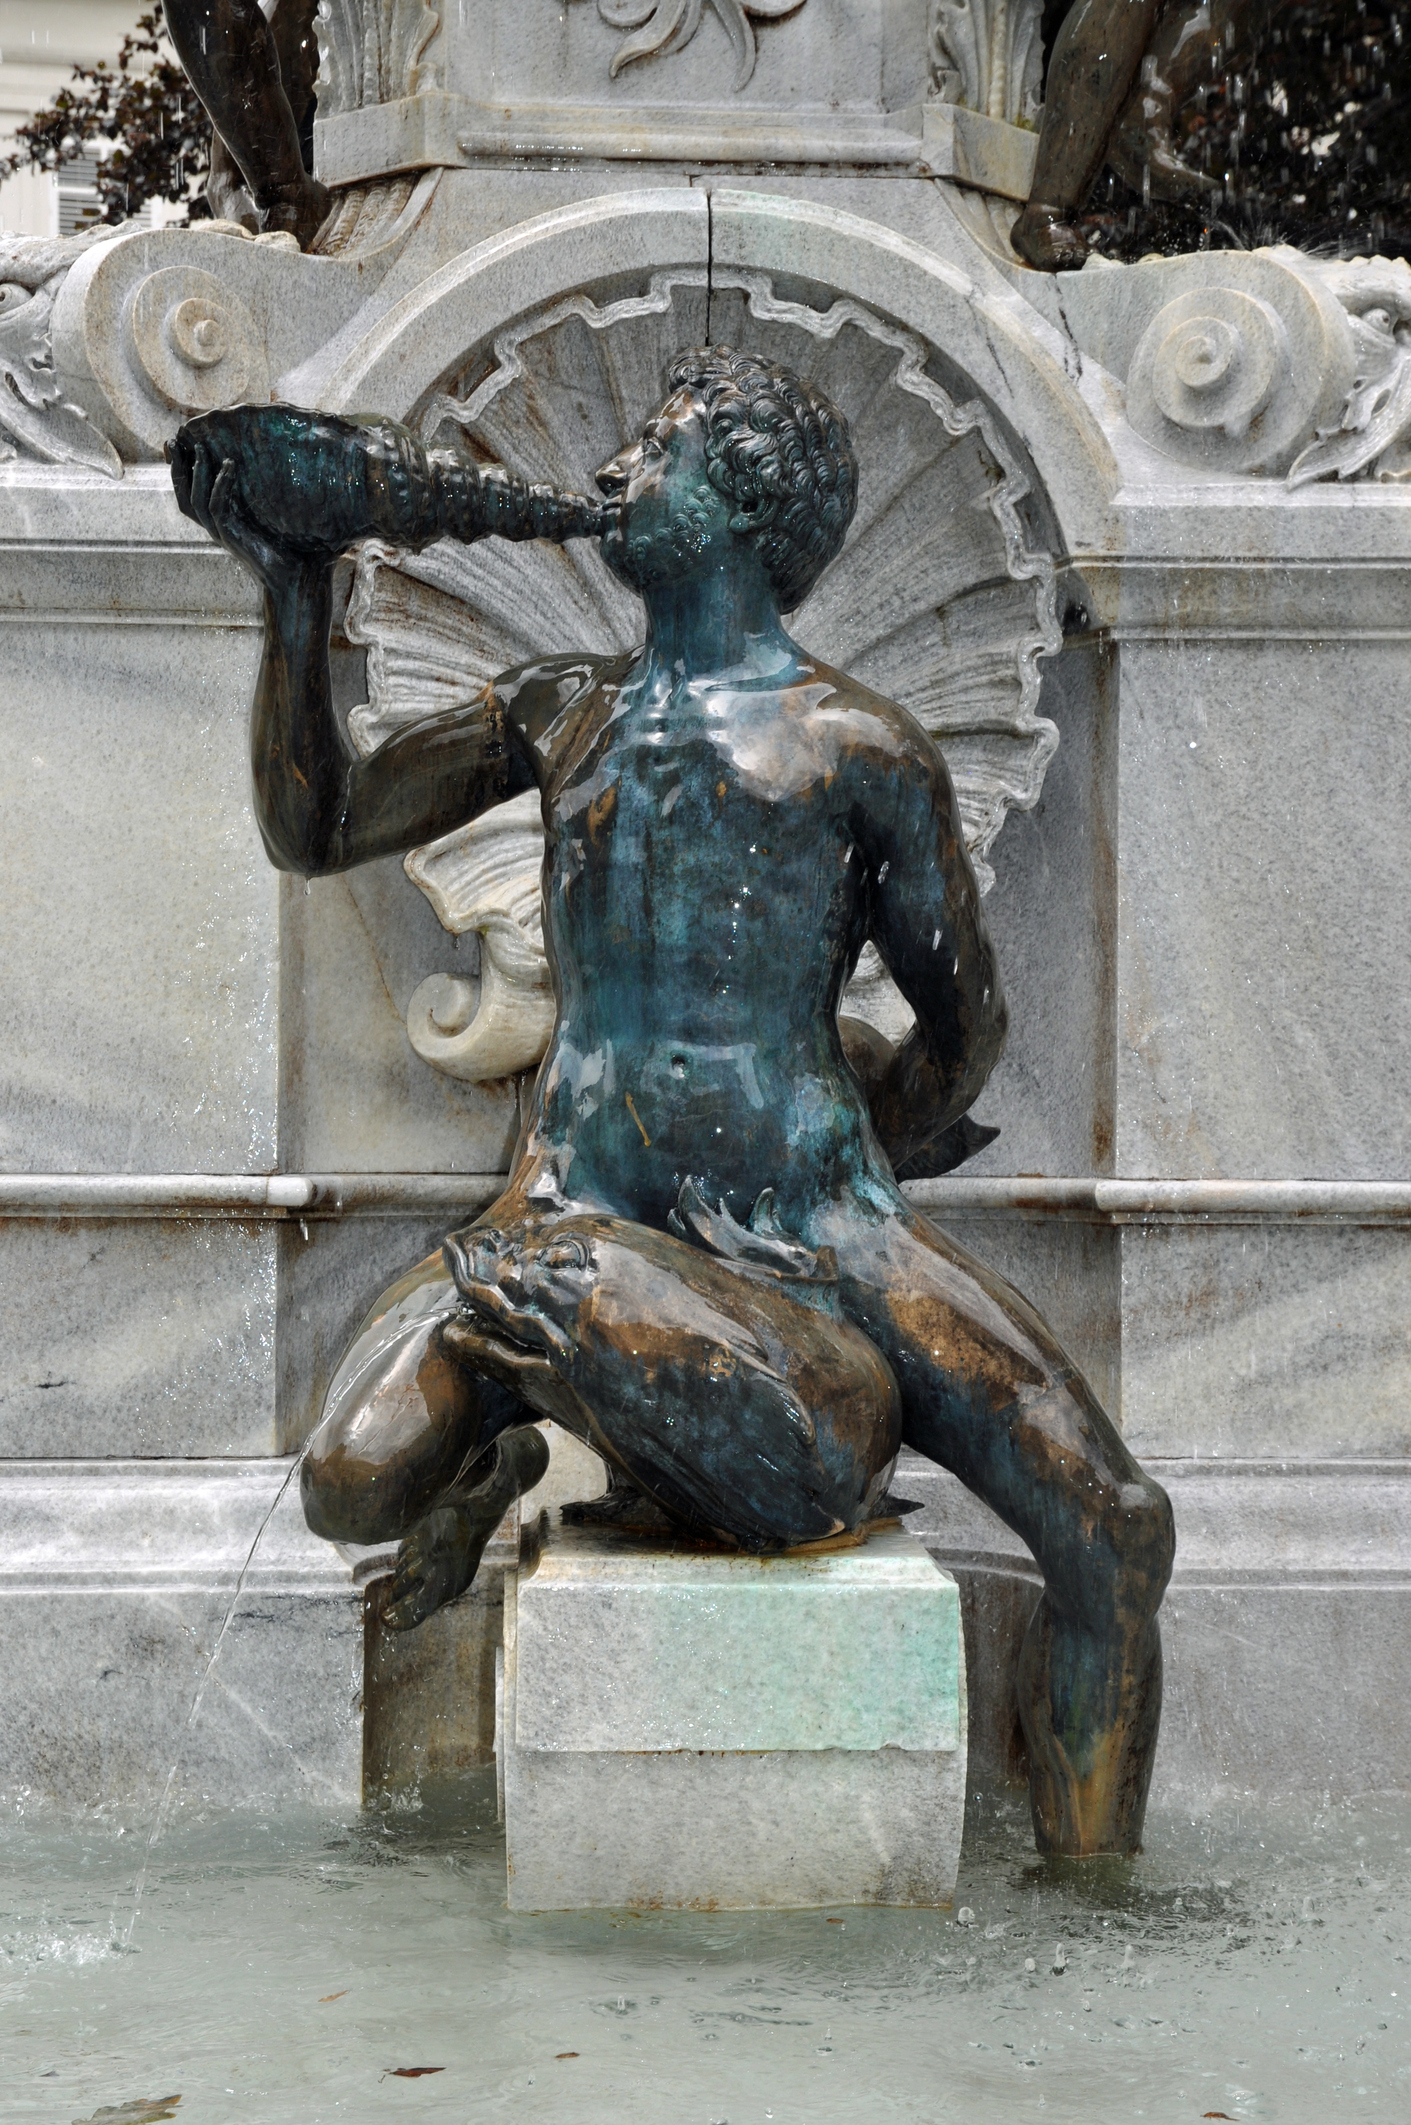 Фонтан Леополд, Инсбрук.Вярва се, че трябва да потъркате крака във фонтана Леополд, за да се сбъдне желанието ви.